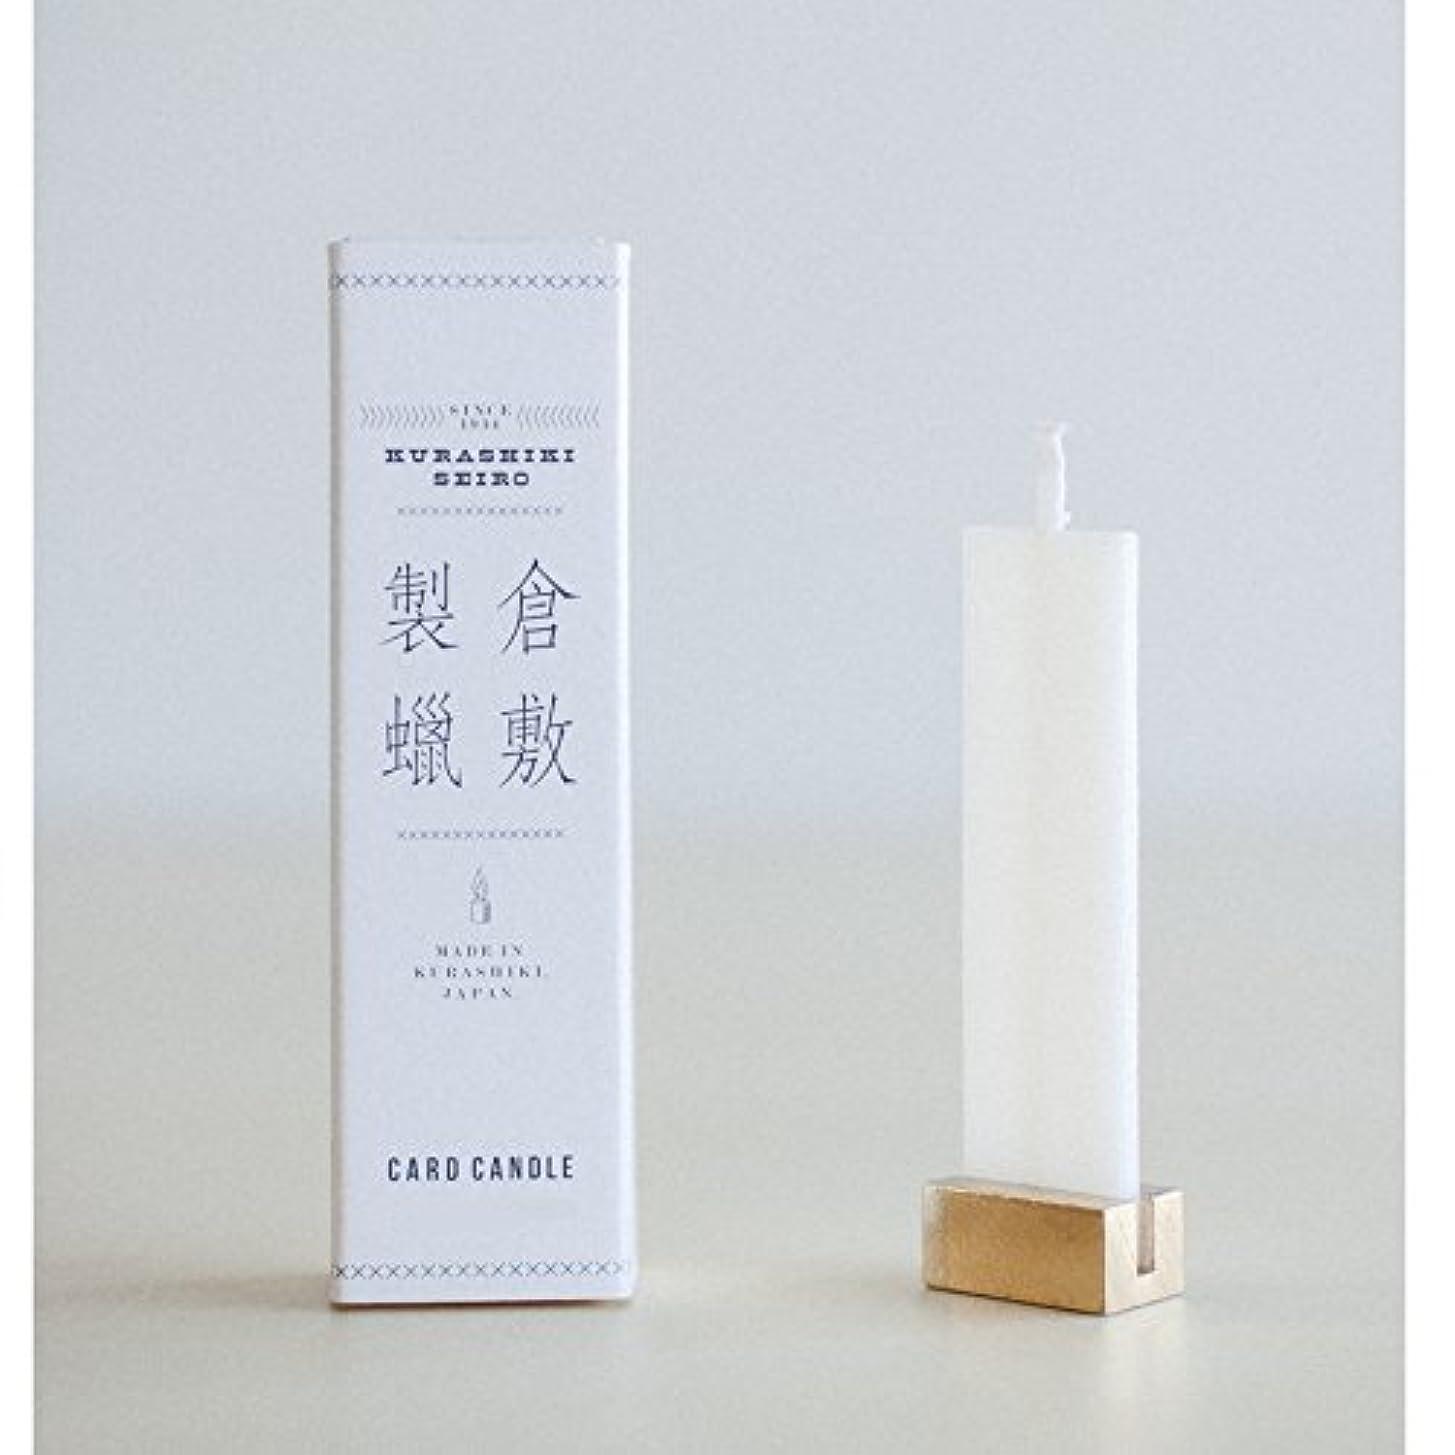 ホームレスウッズマージ倉敷製蝋 CARD CANDLE (Fresh Floral)